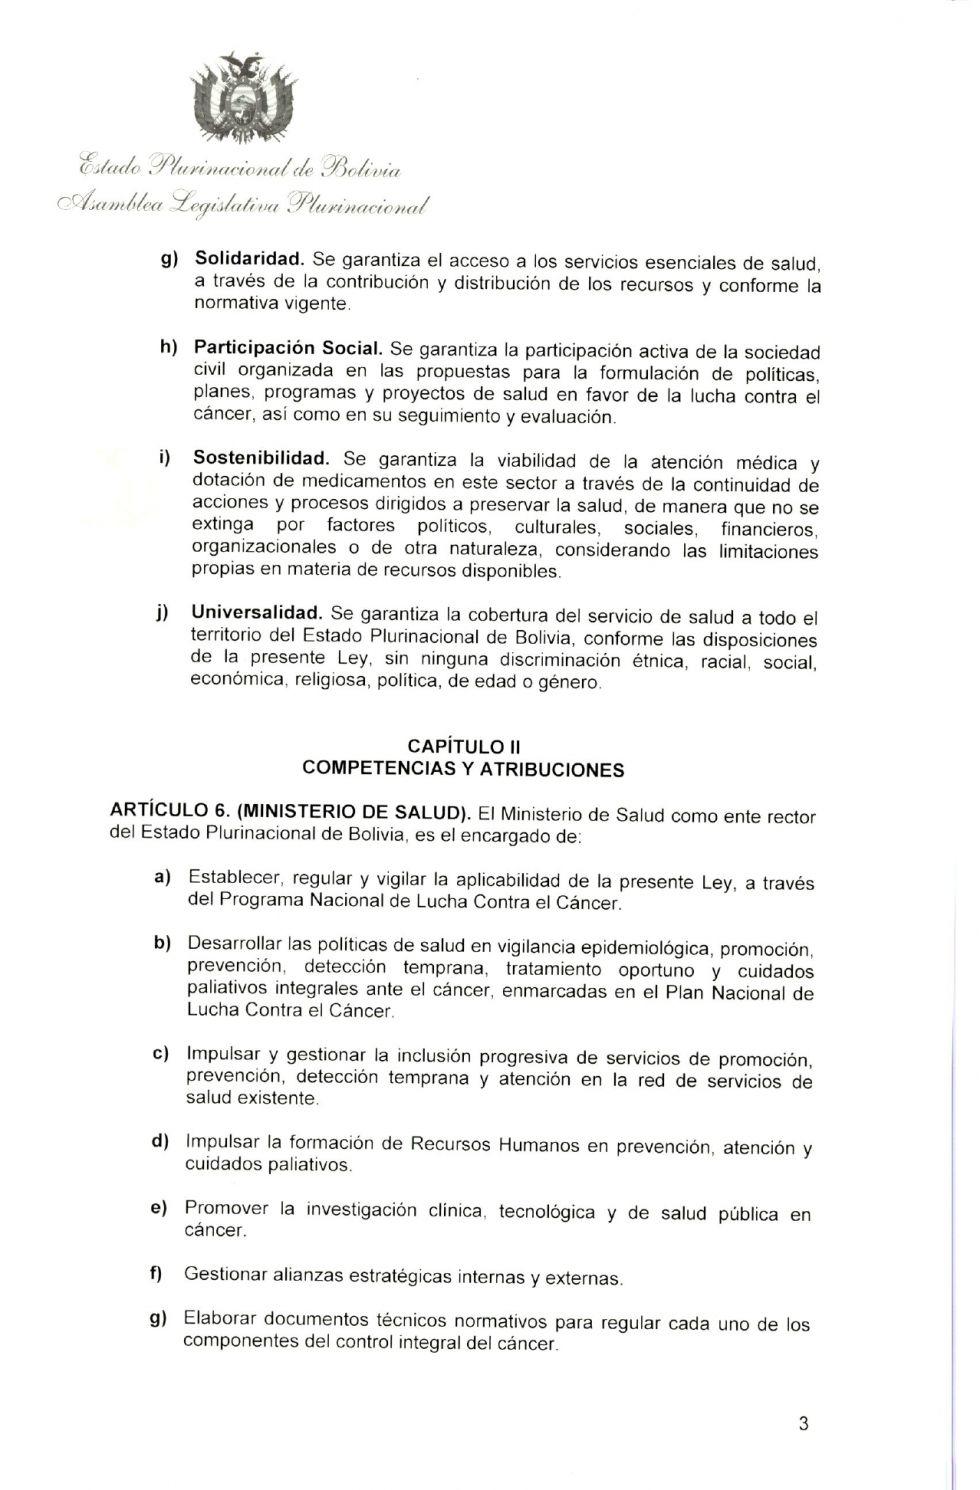 El Ministerio de Salud publicó la norma.